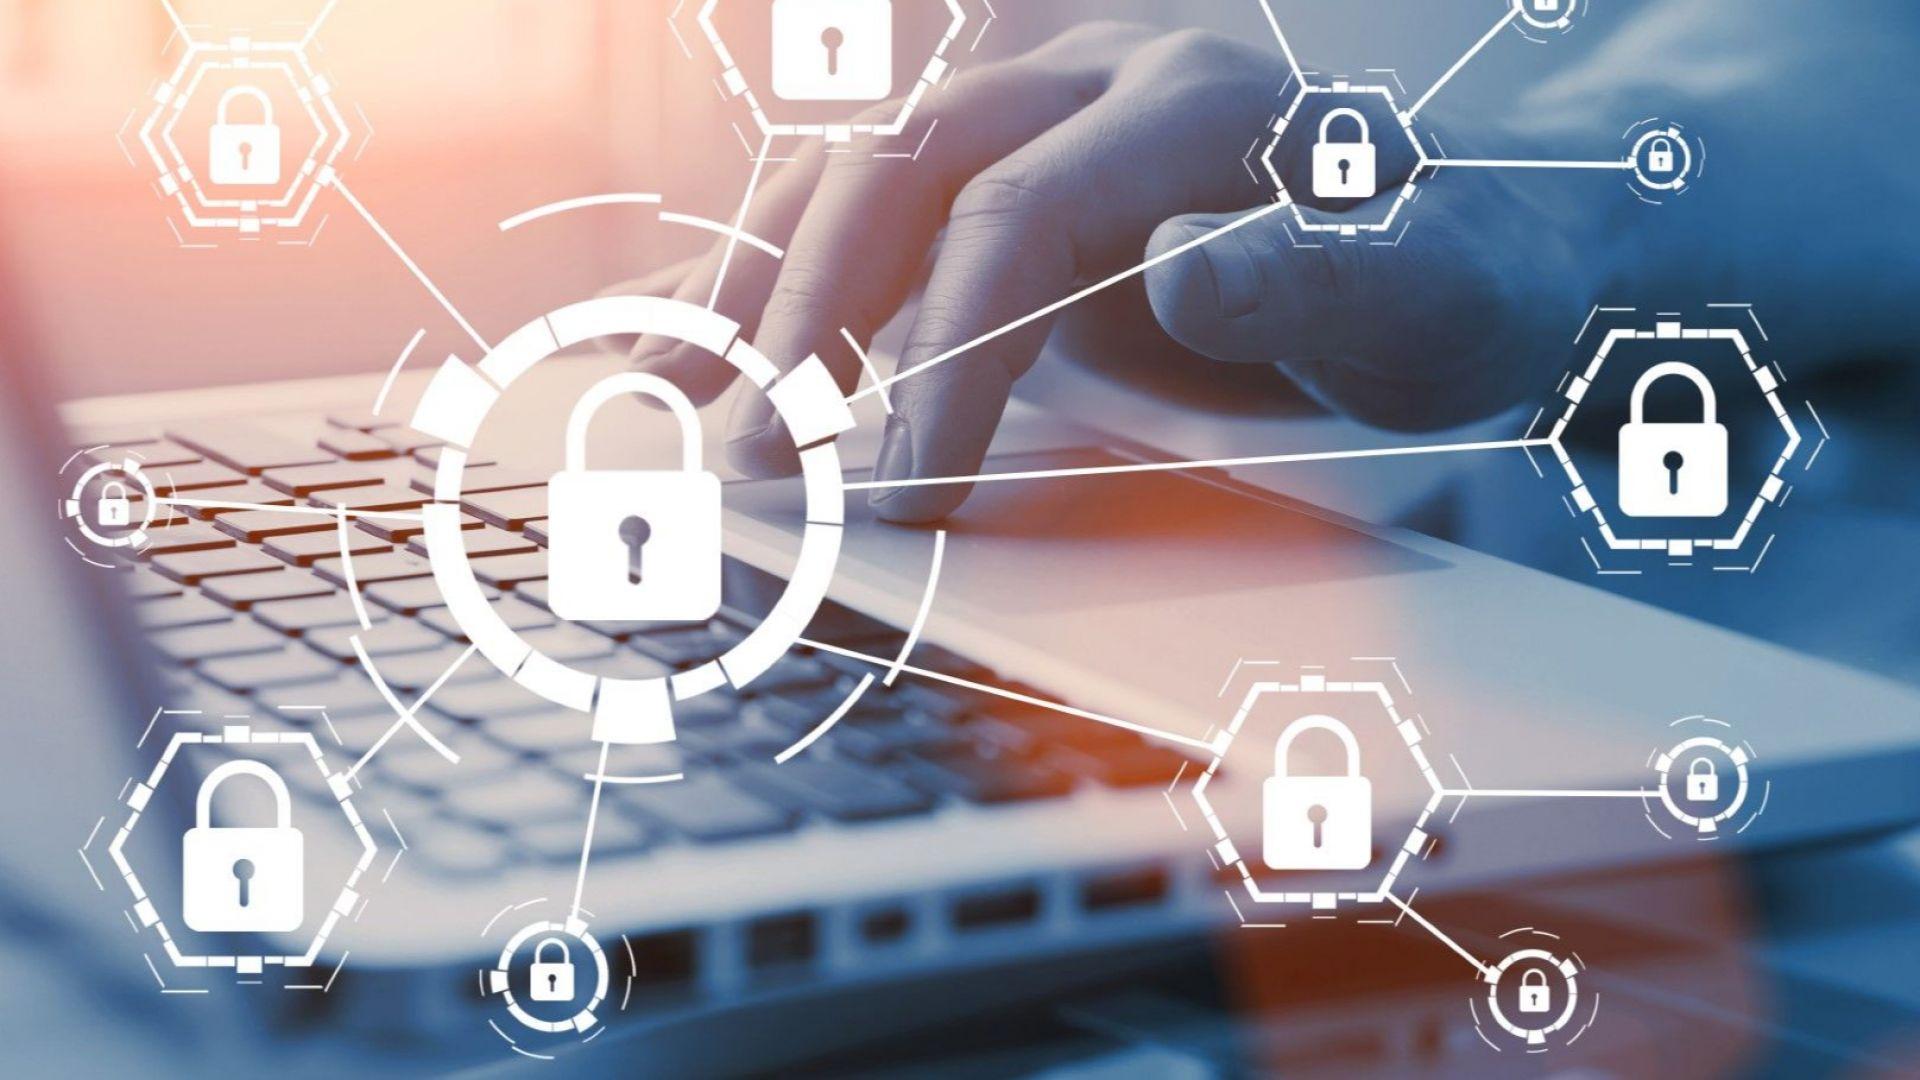 НАП подценила сигурността на личните данни: какво показа проверката на комисията